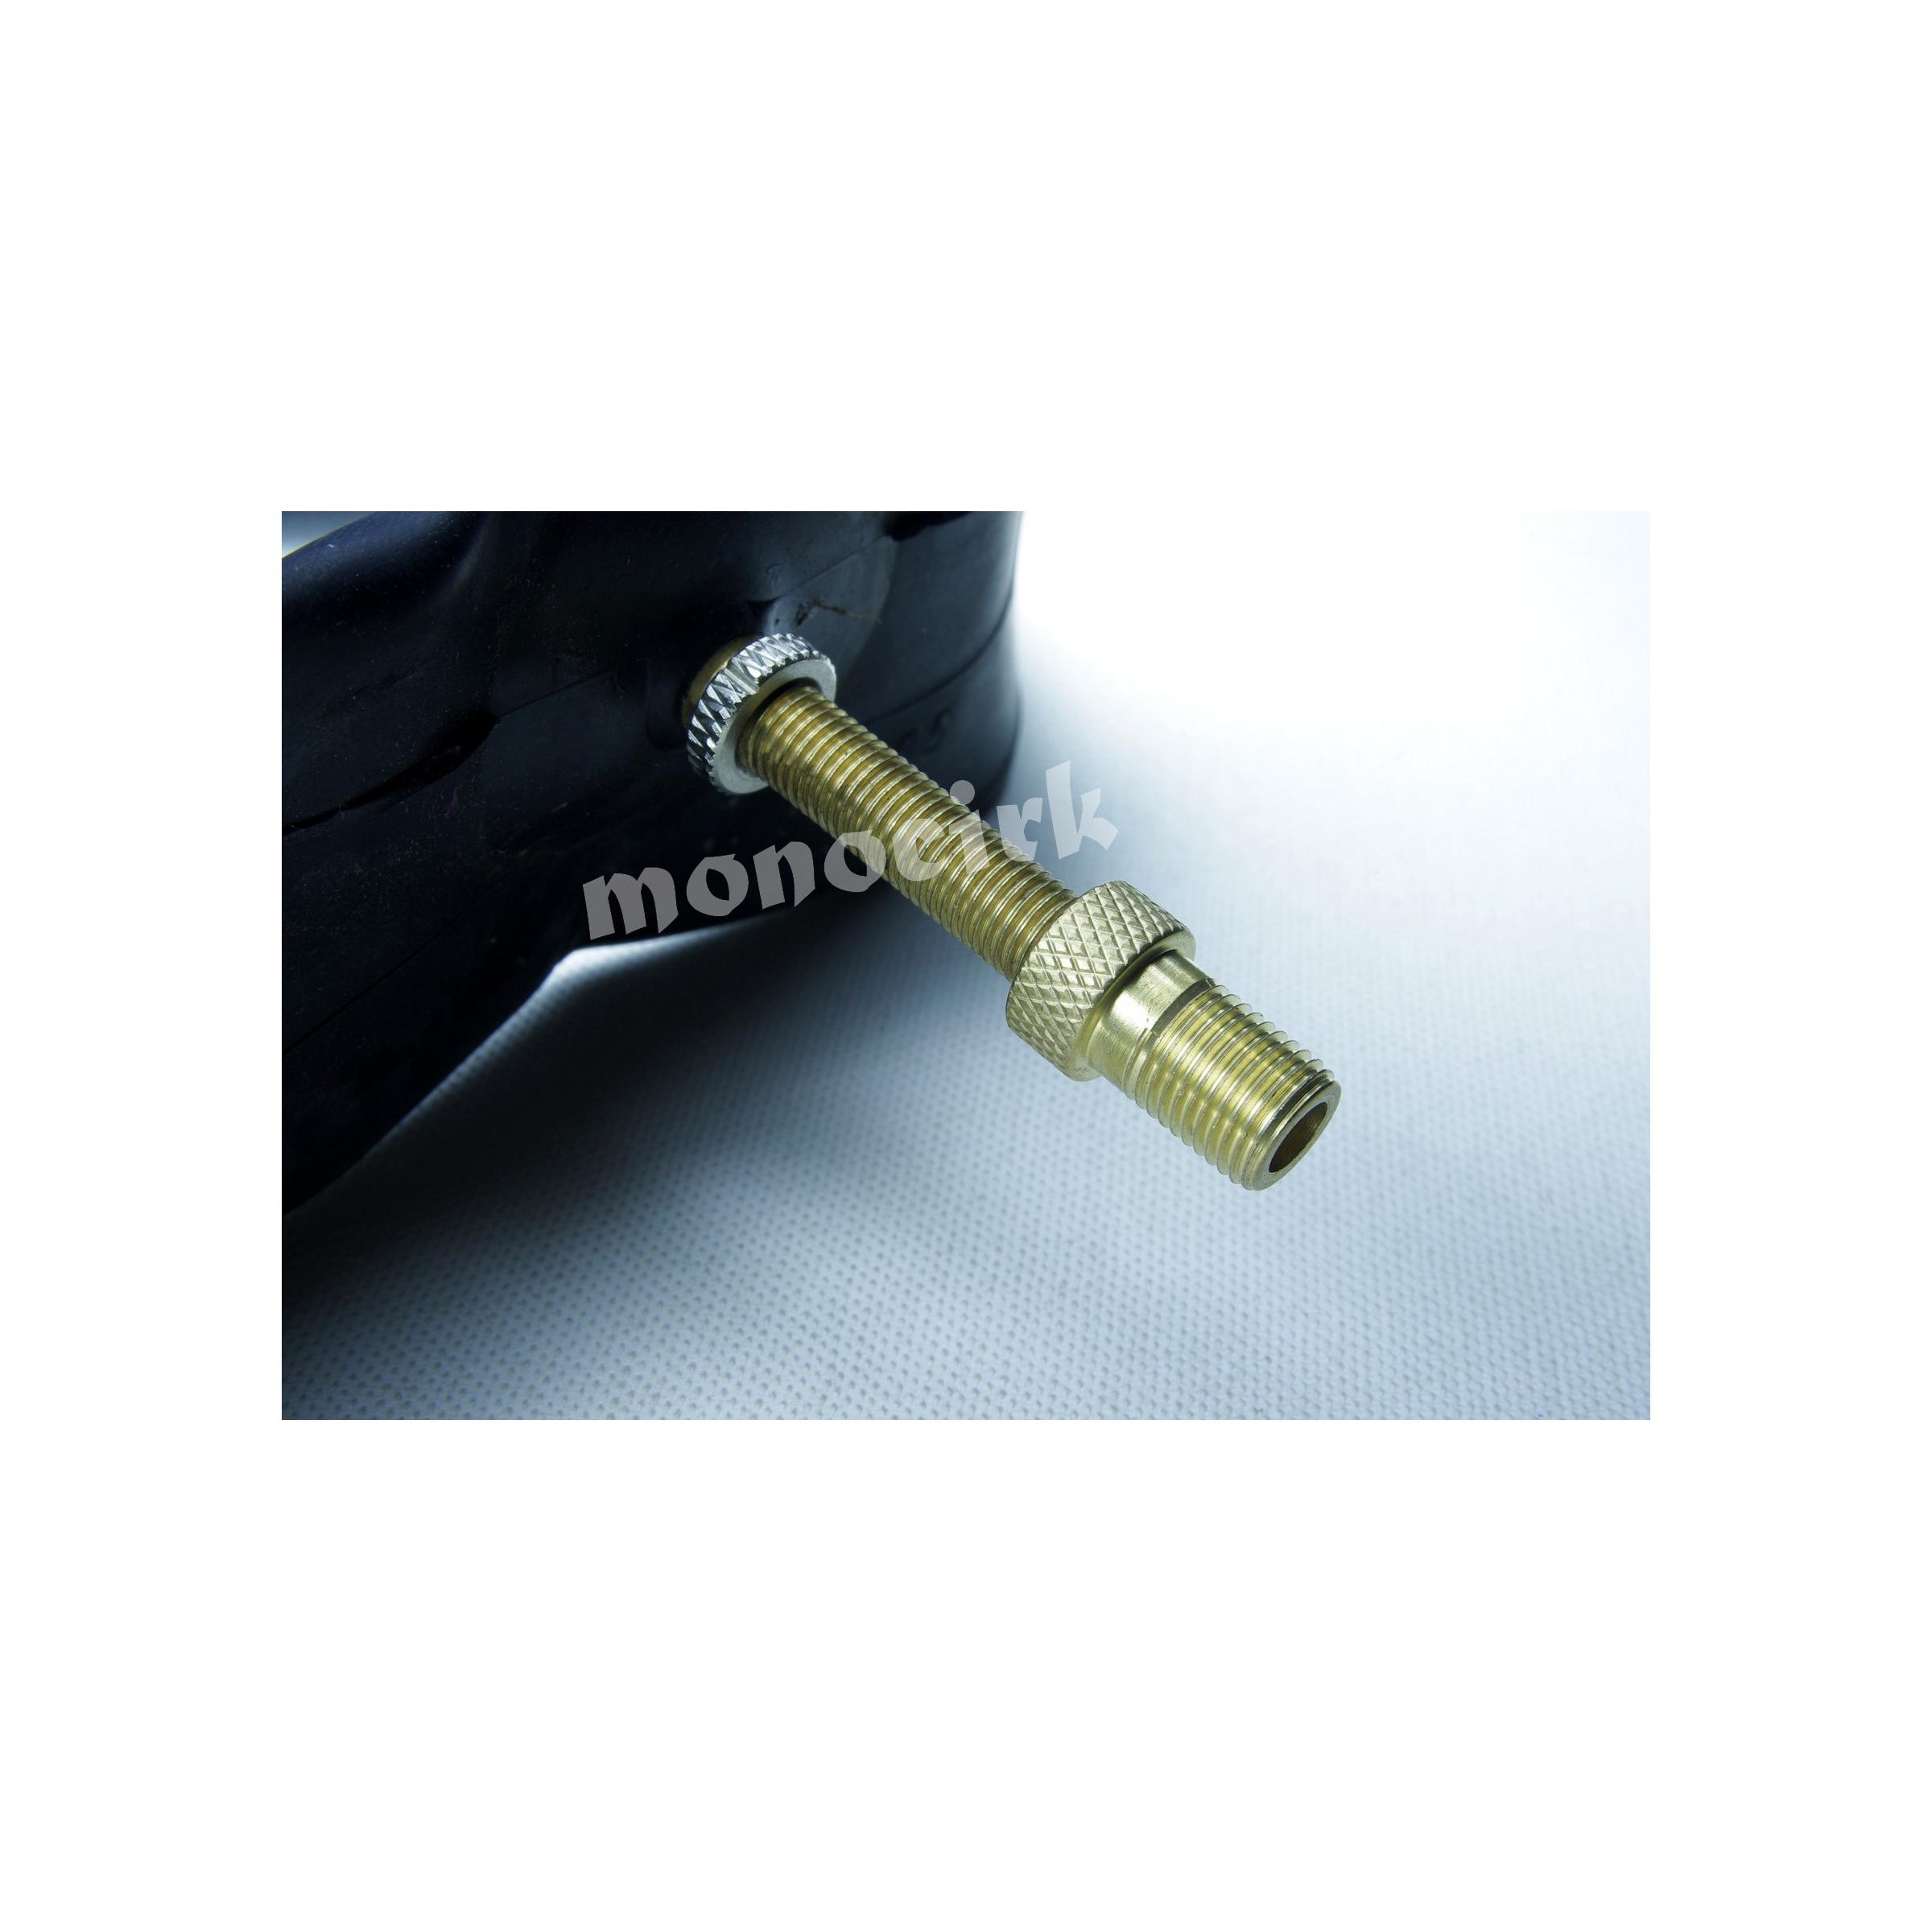 adaptateur valve presta blog sur les voitures. Black Bedroom Furniture Sets. Home Design Ideas